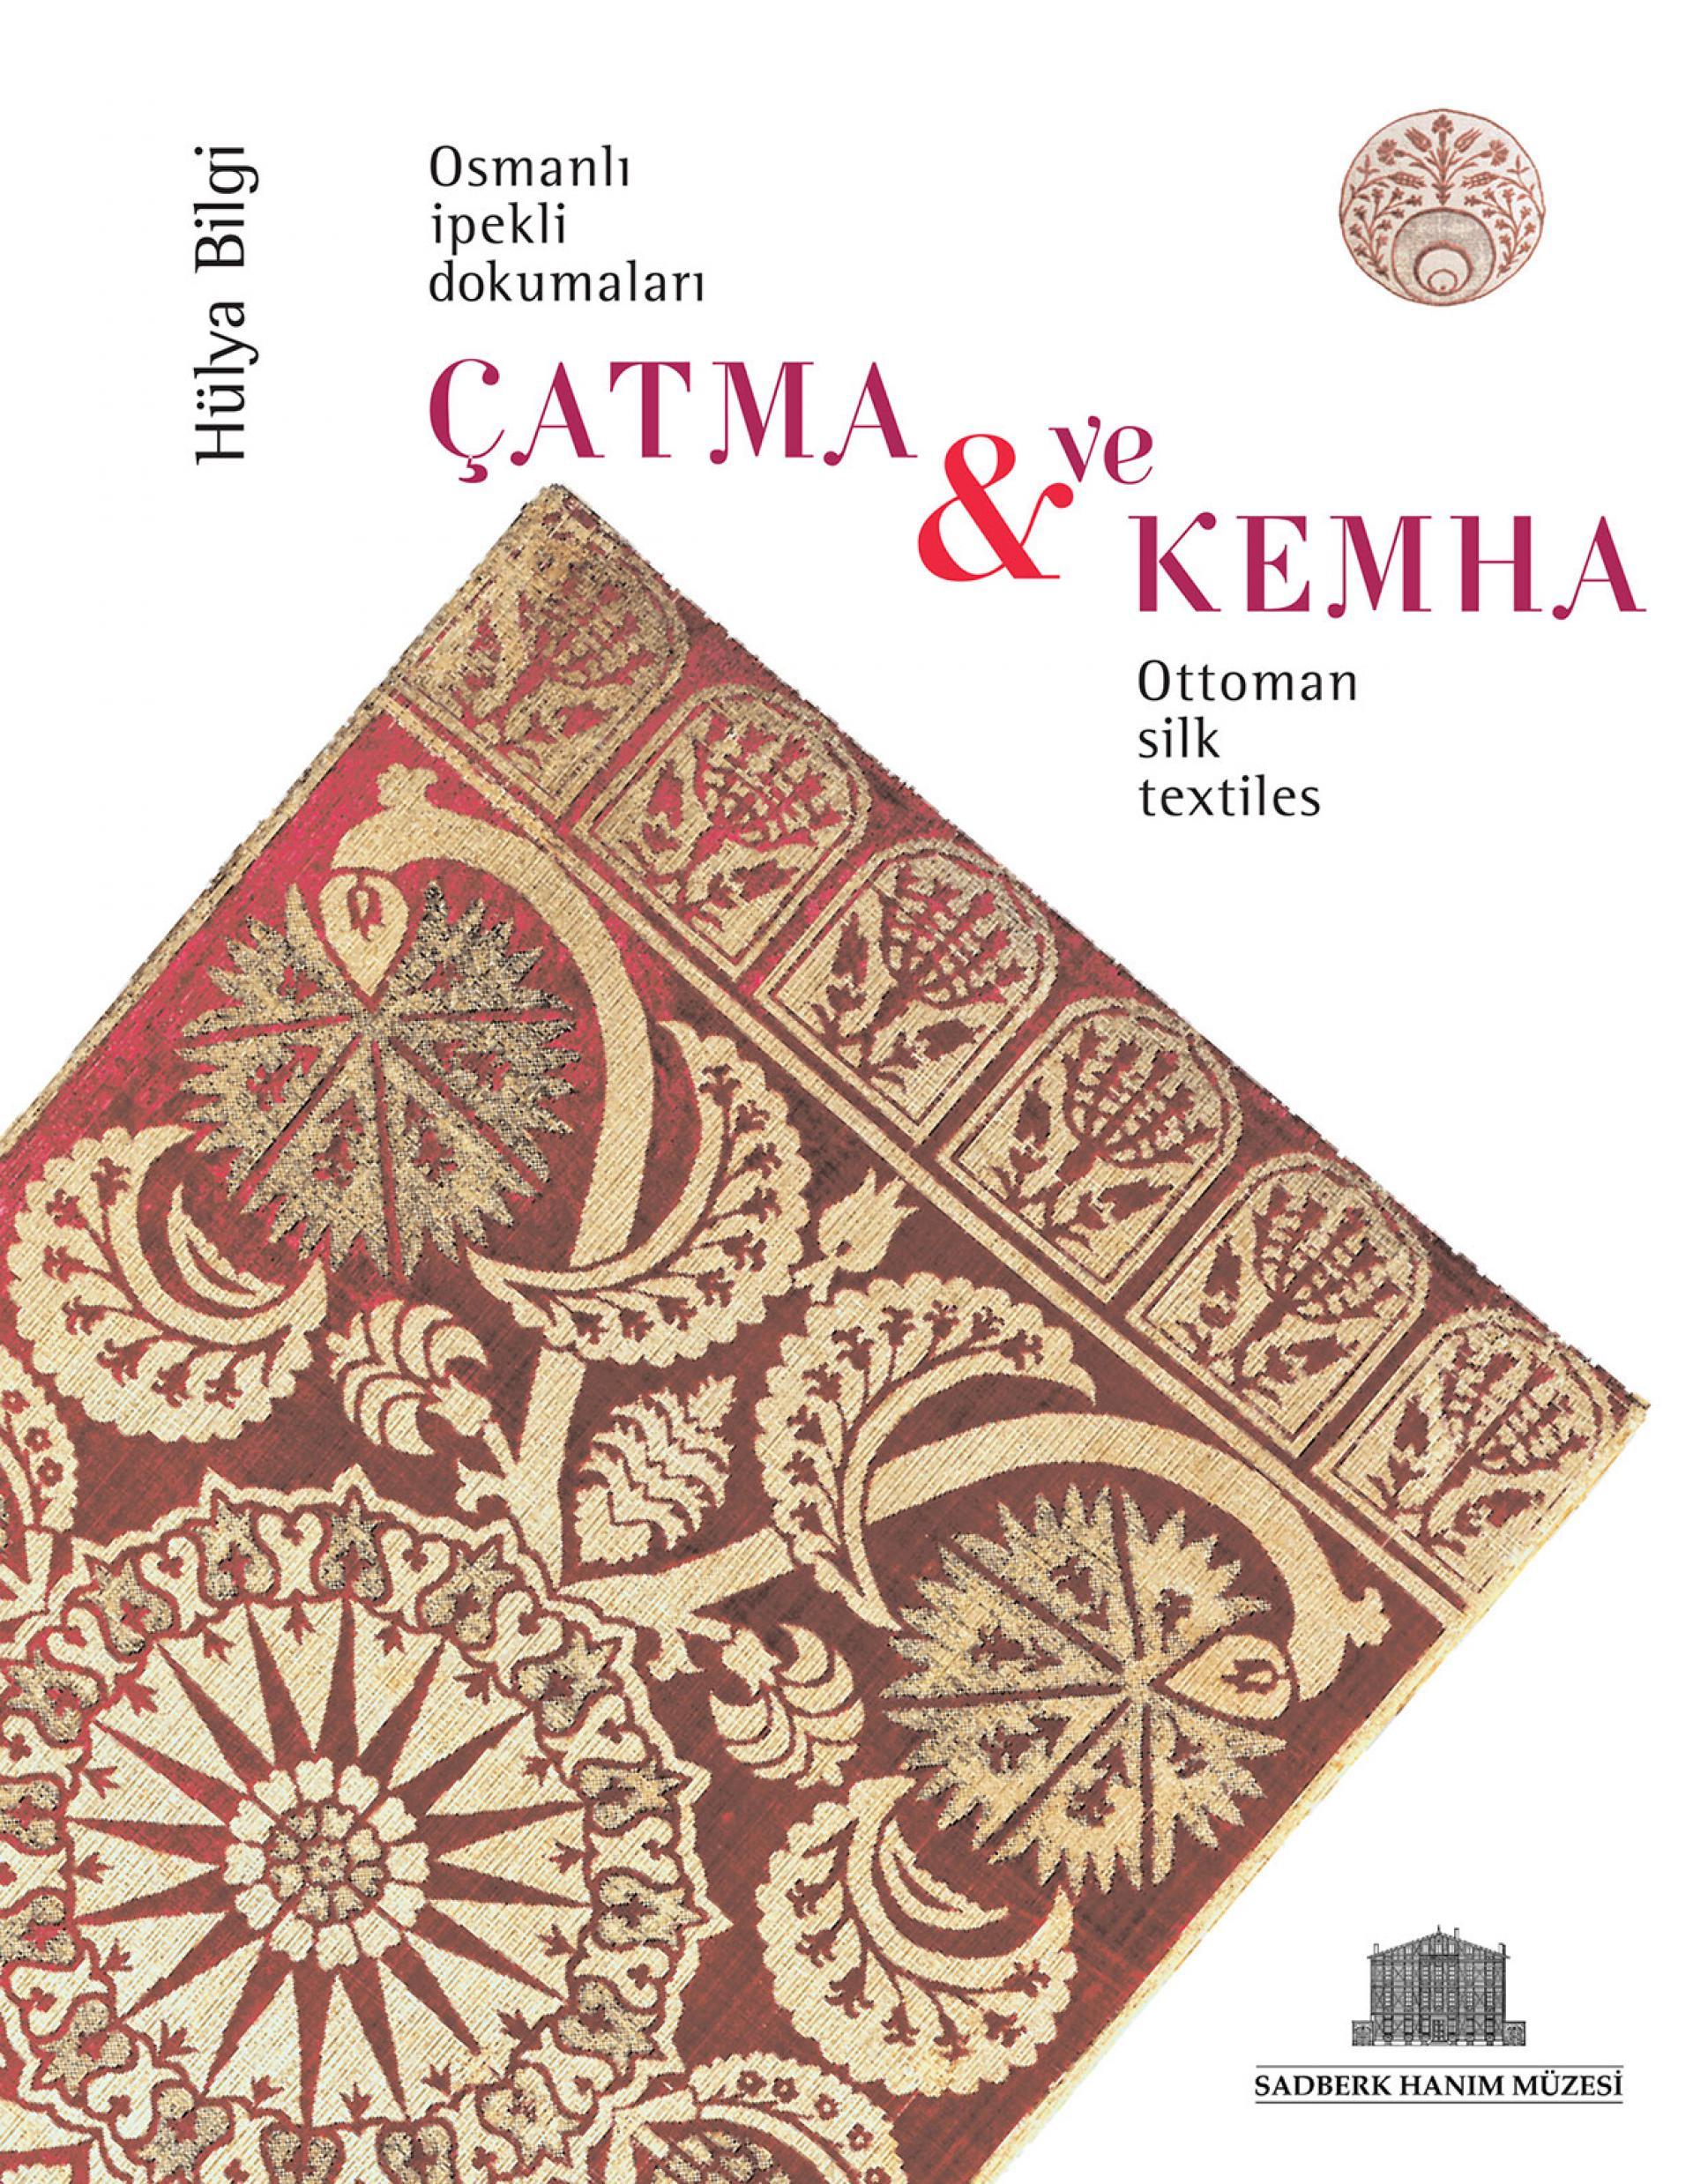 Çatma & Kemha - Osmanlı İpekli Dokumaları - KİTAPLAR - Sadberk Hanım Müzesi